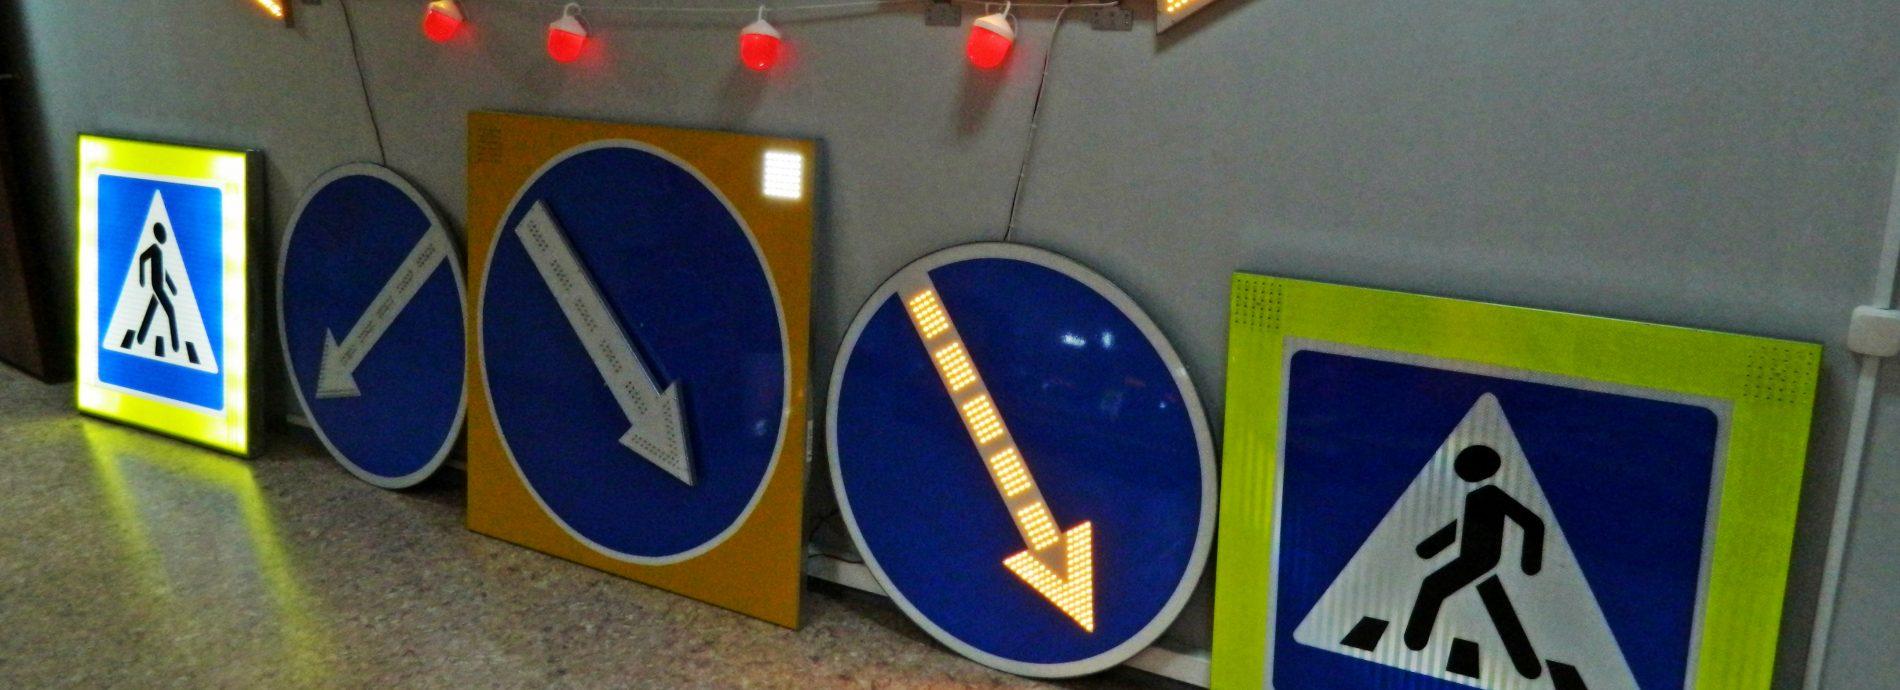 знаки из нержавейки